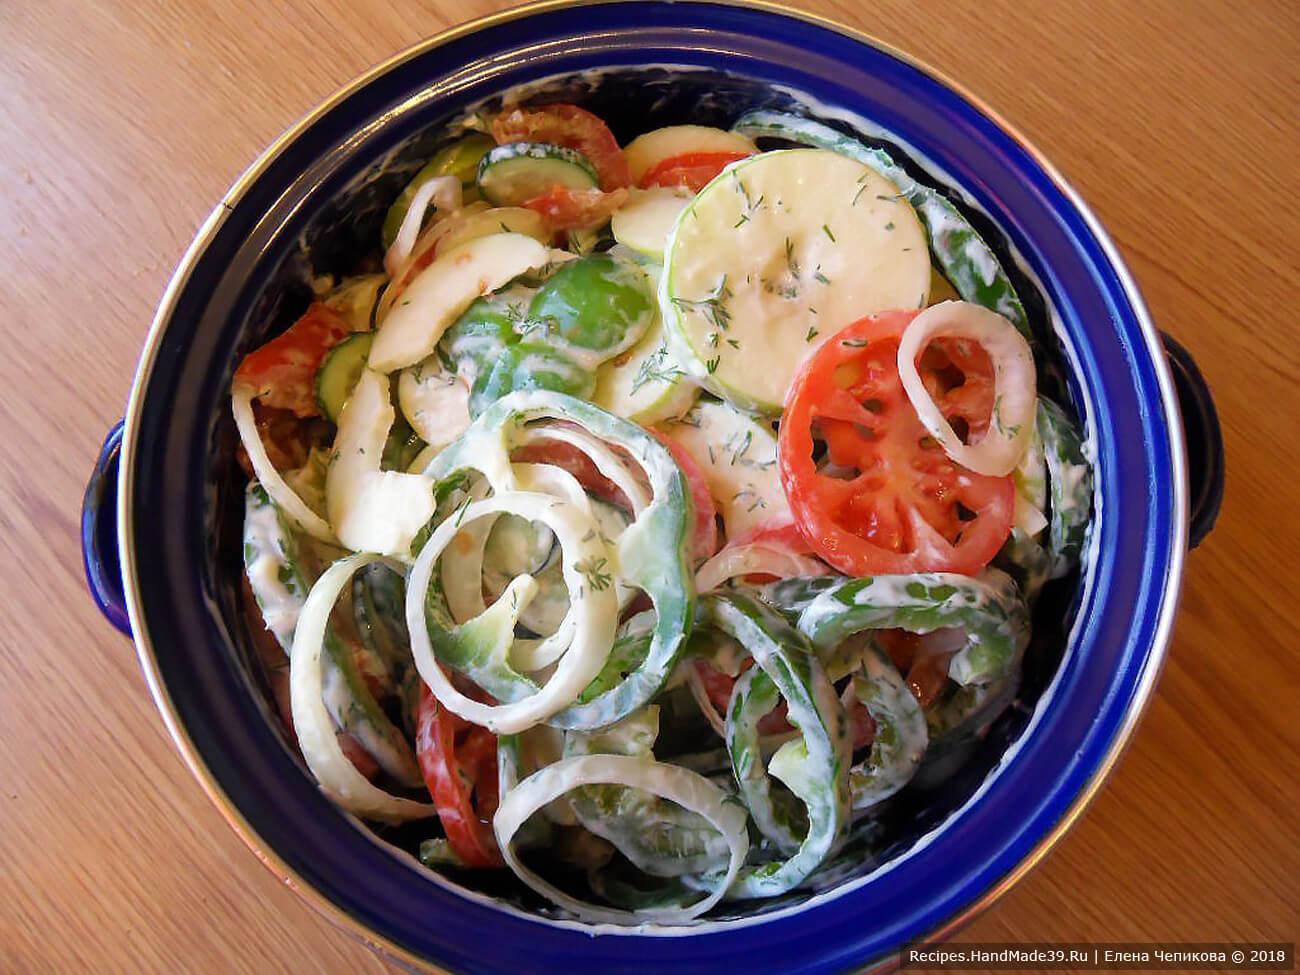 Подготовленные ингредиенты сложить в кастрюлю, посолить, поперчить, залить сметанной заправкой, всё хорошо перемешать и дать овощам пропитаться